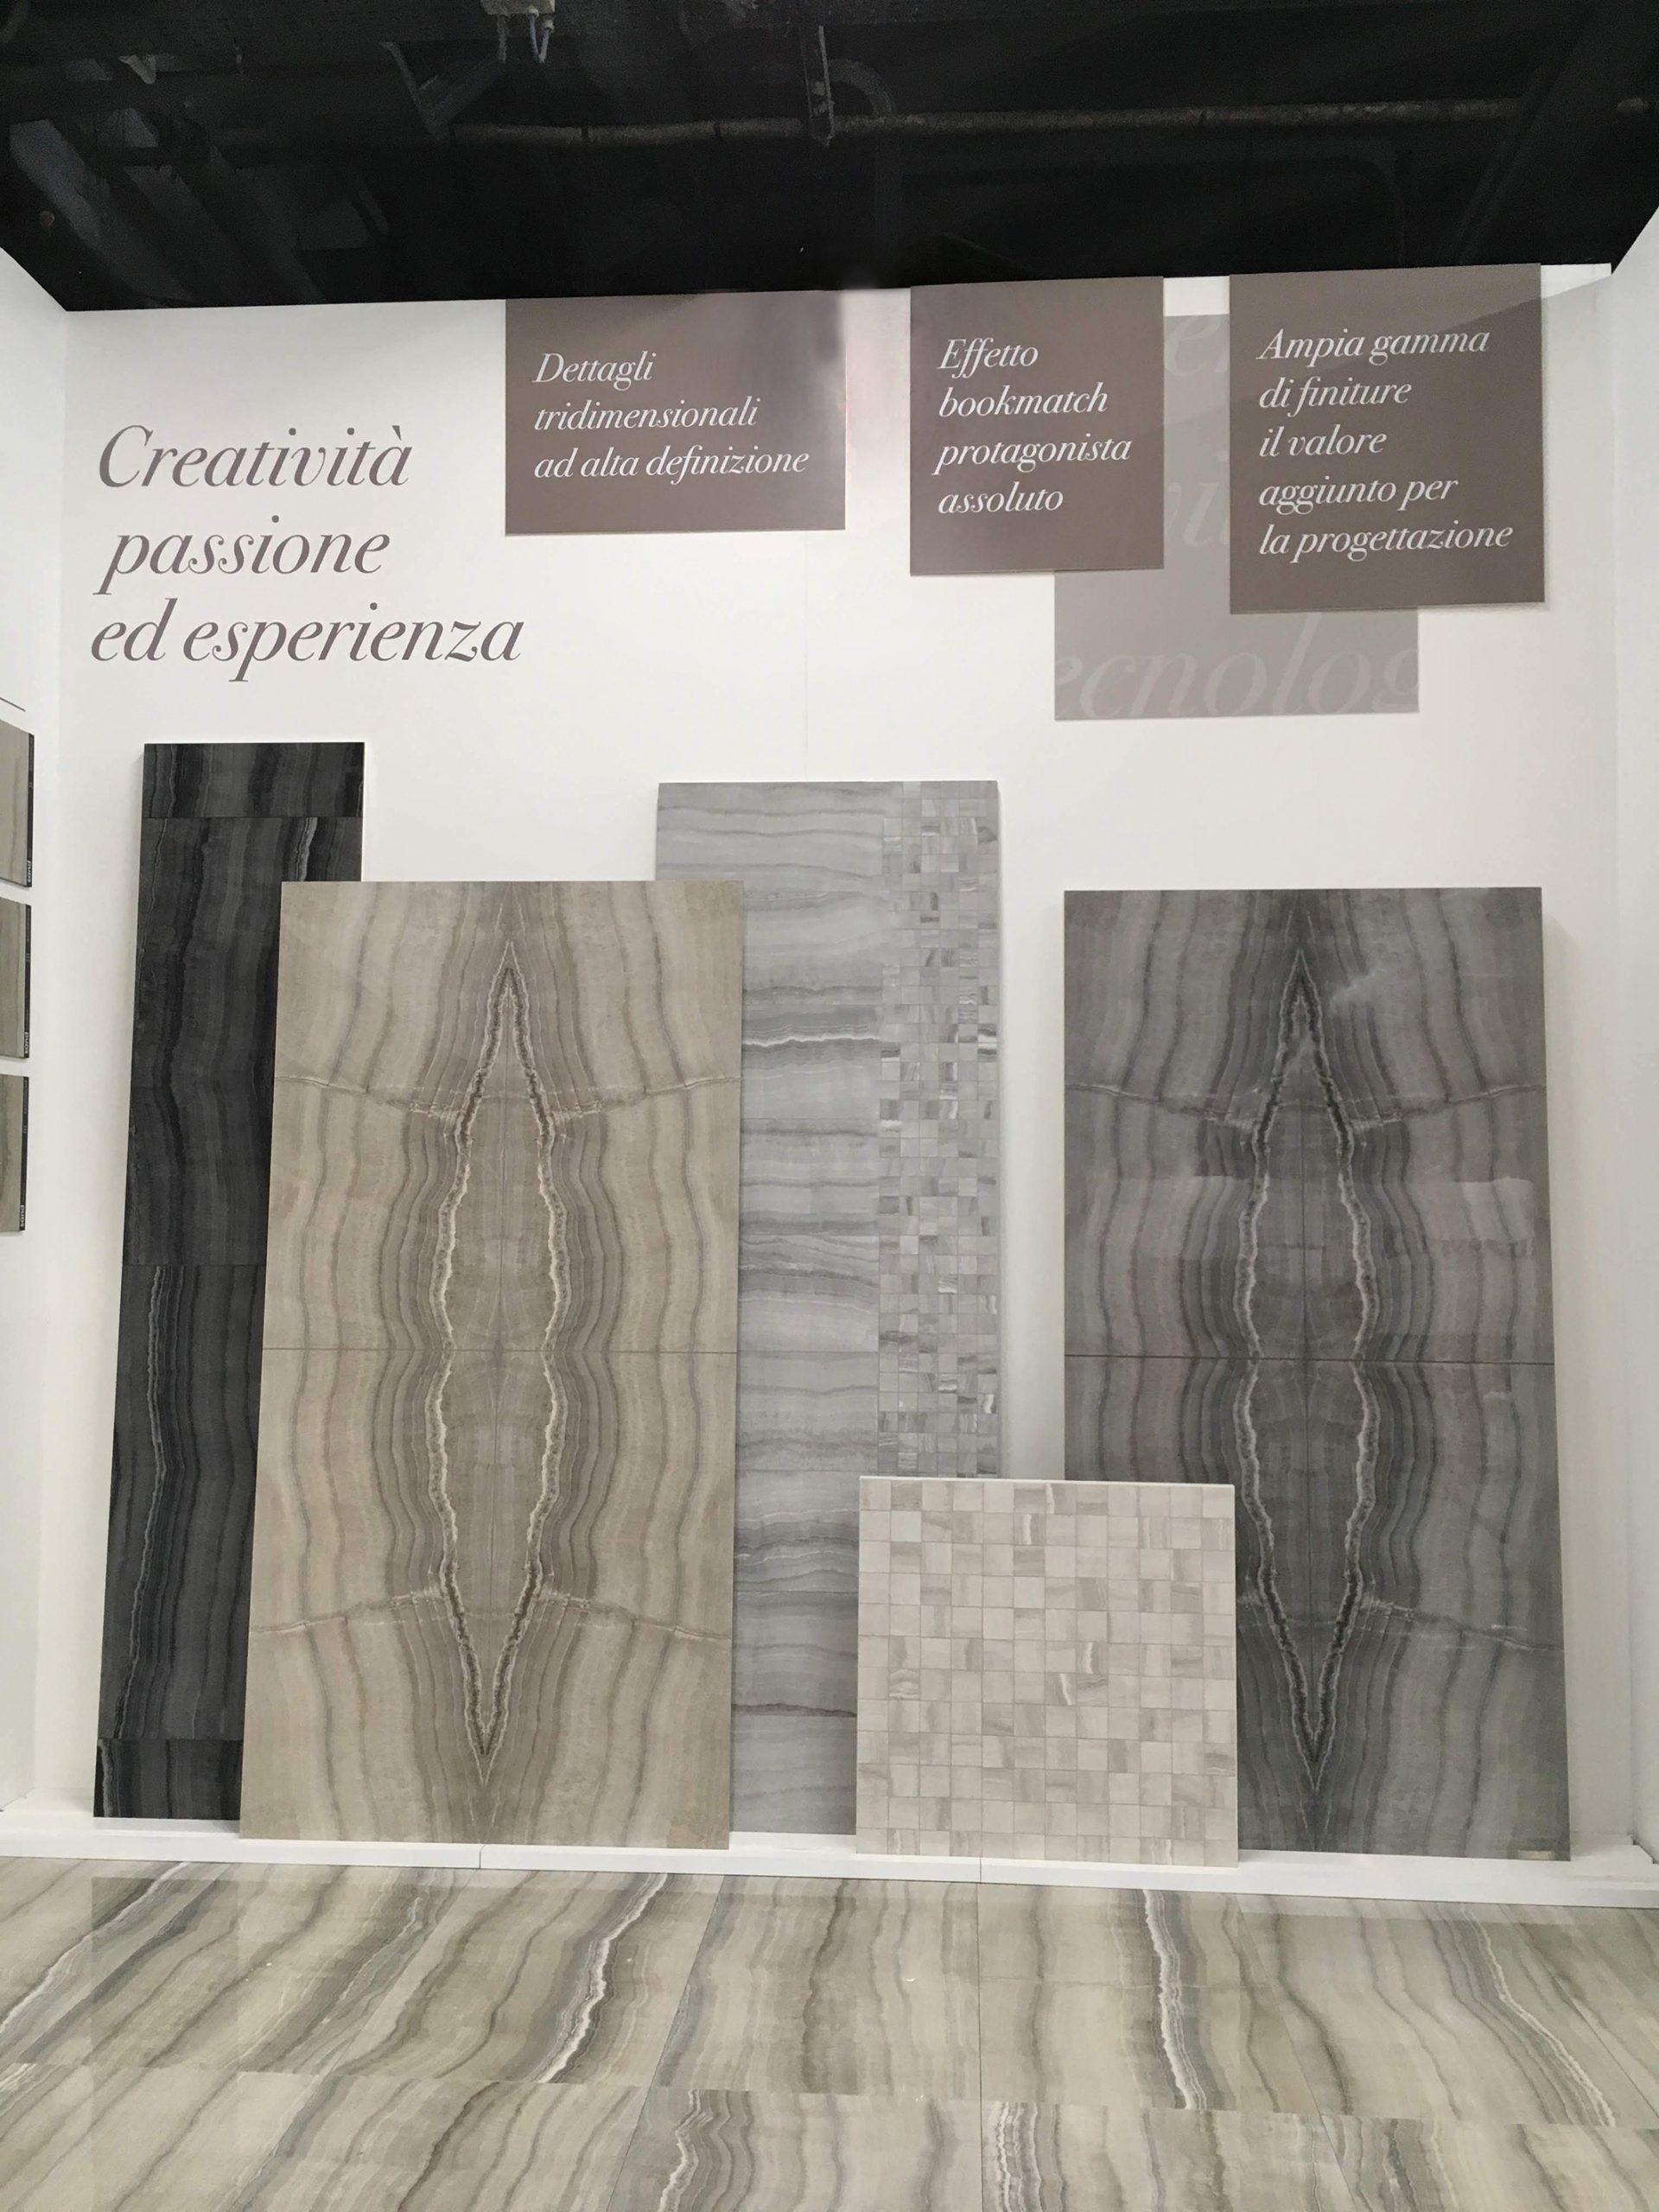 Parete showroom ceramico allestita con pannelli forex e prespaziati adesivi